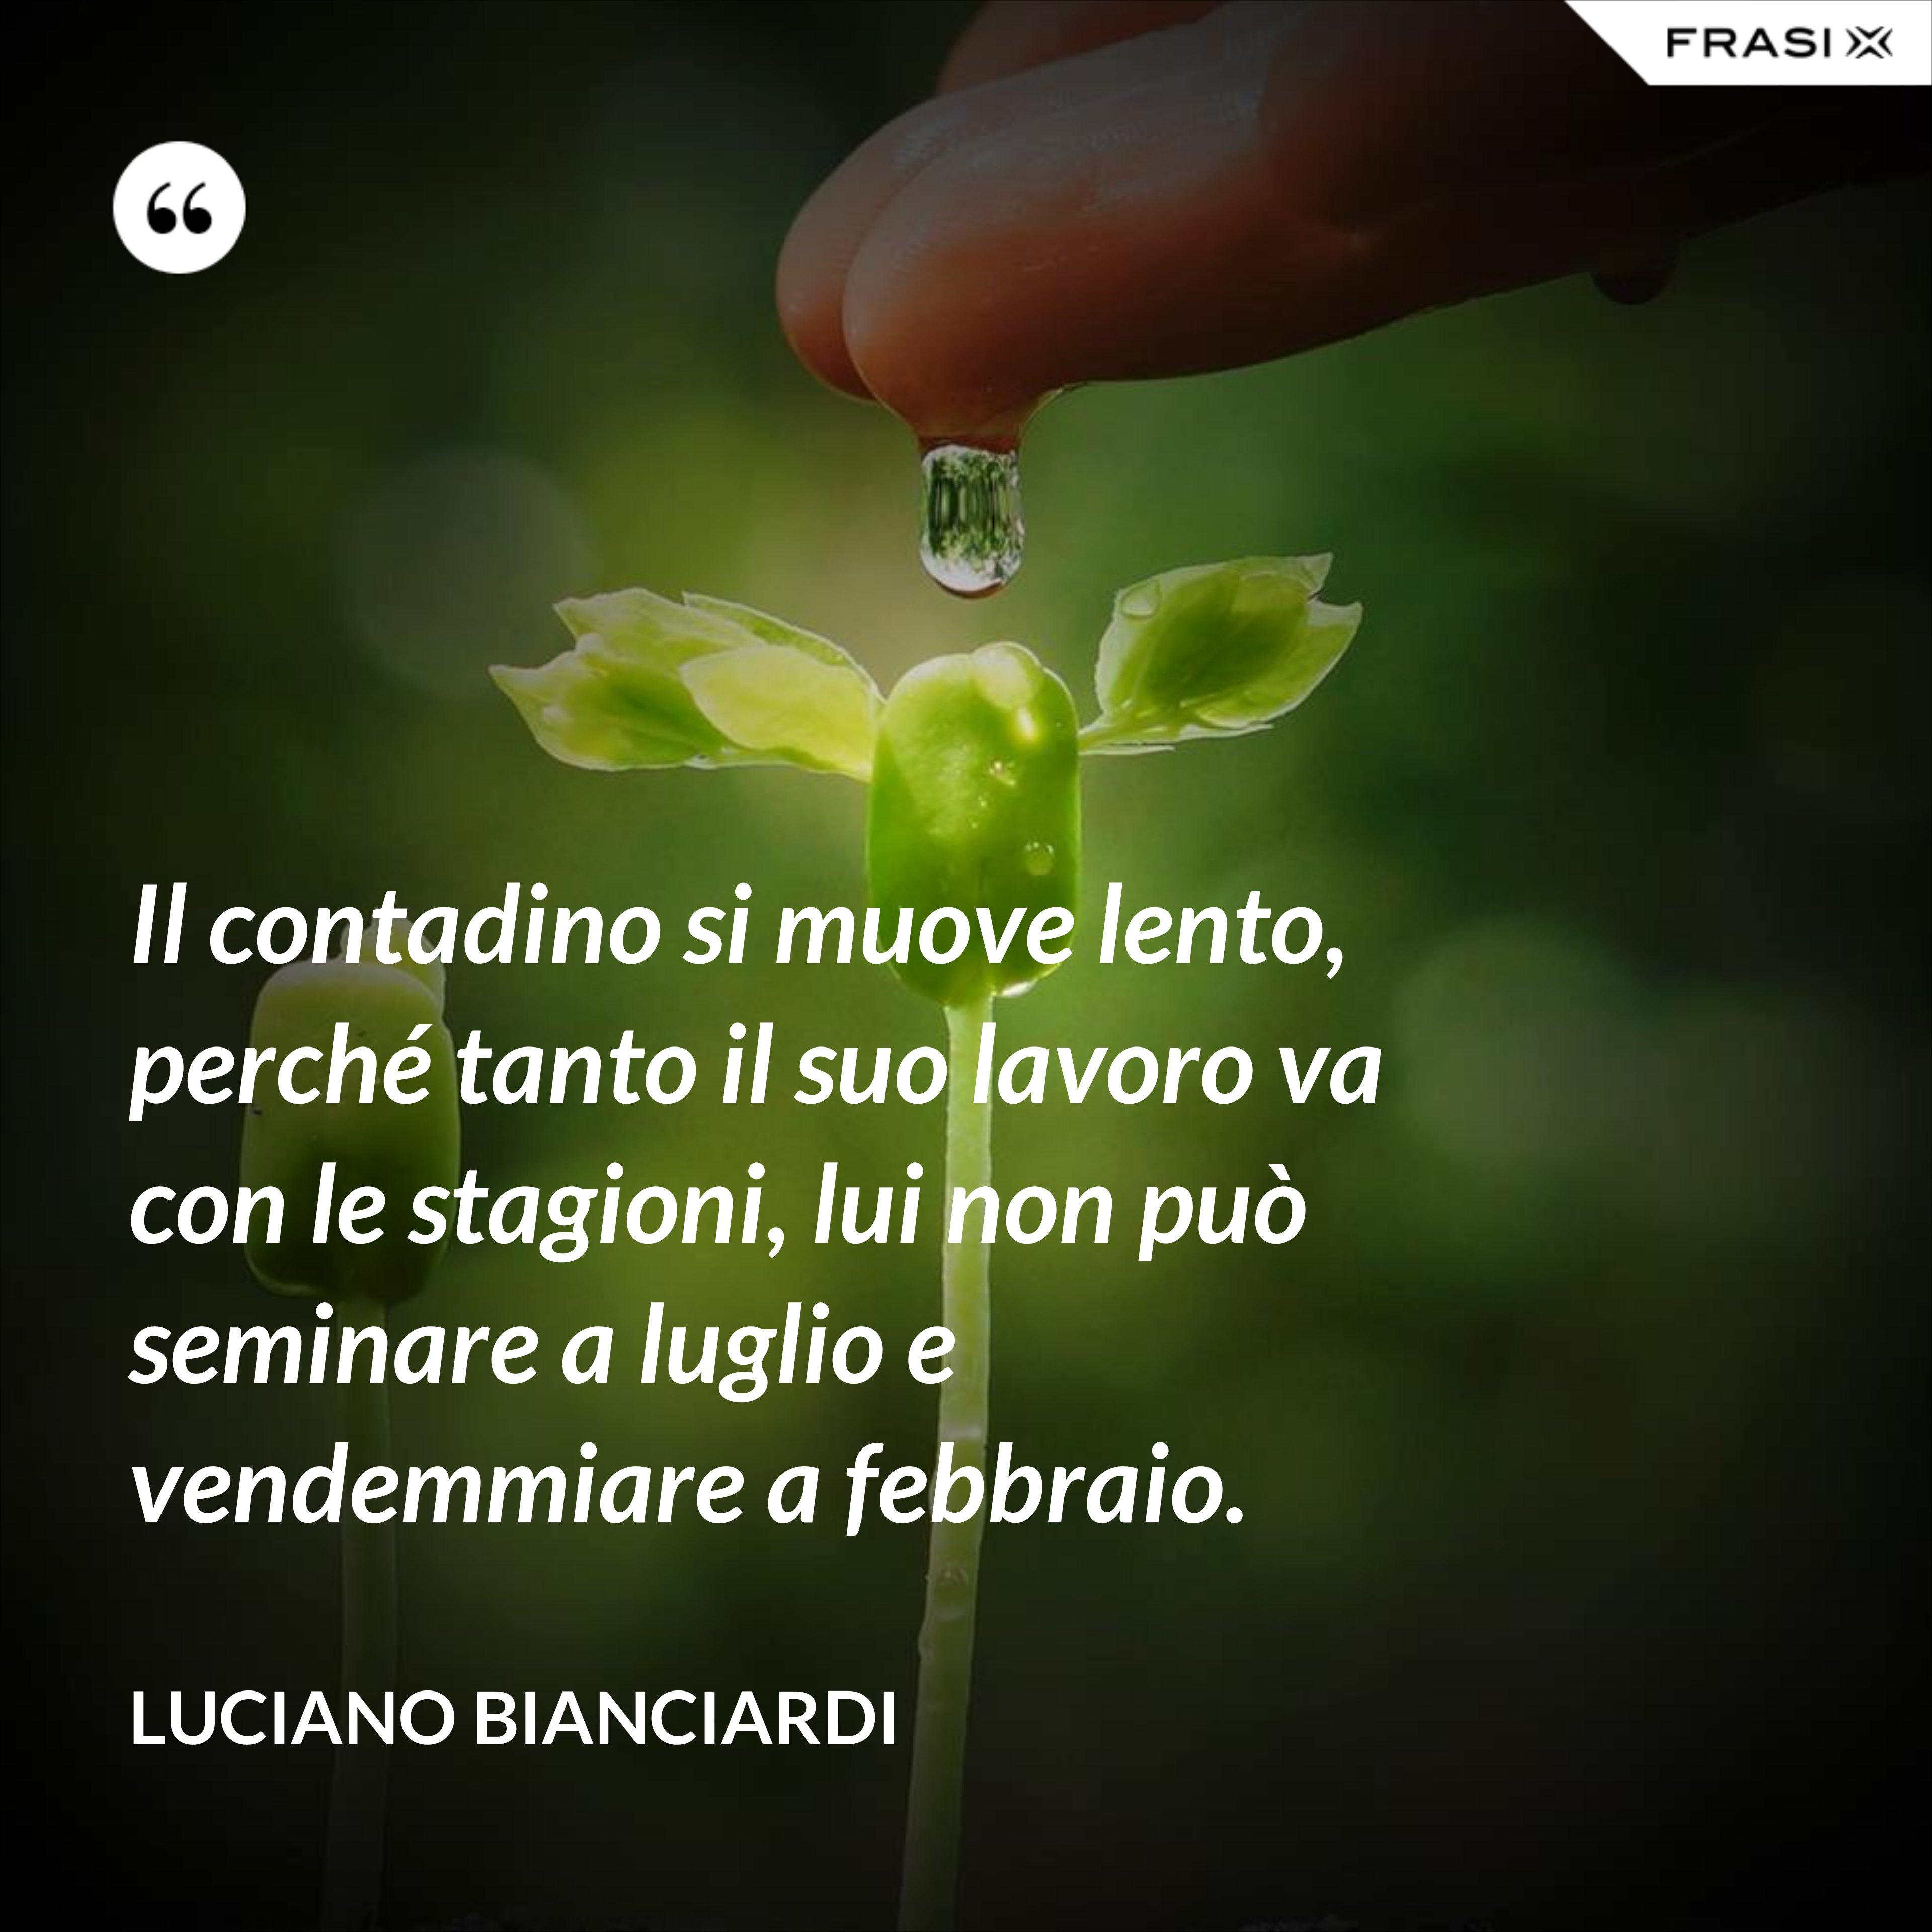 Il contadino si muove lento, perché tanto il suo lavoro va con le stagioni, lui non può seminare a luglio e vendemmiare a febbraio. - Luciano Bianciardi